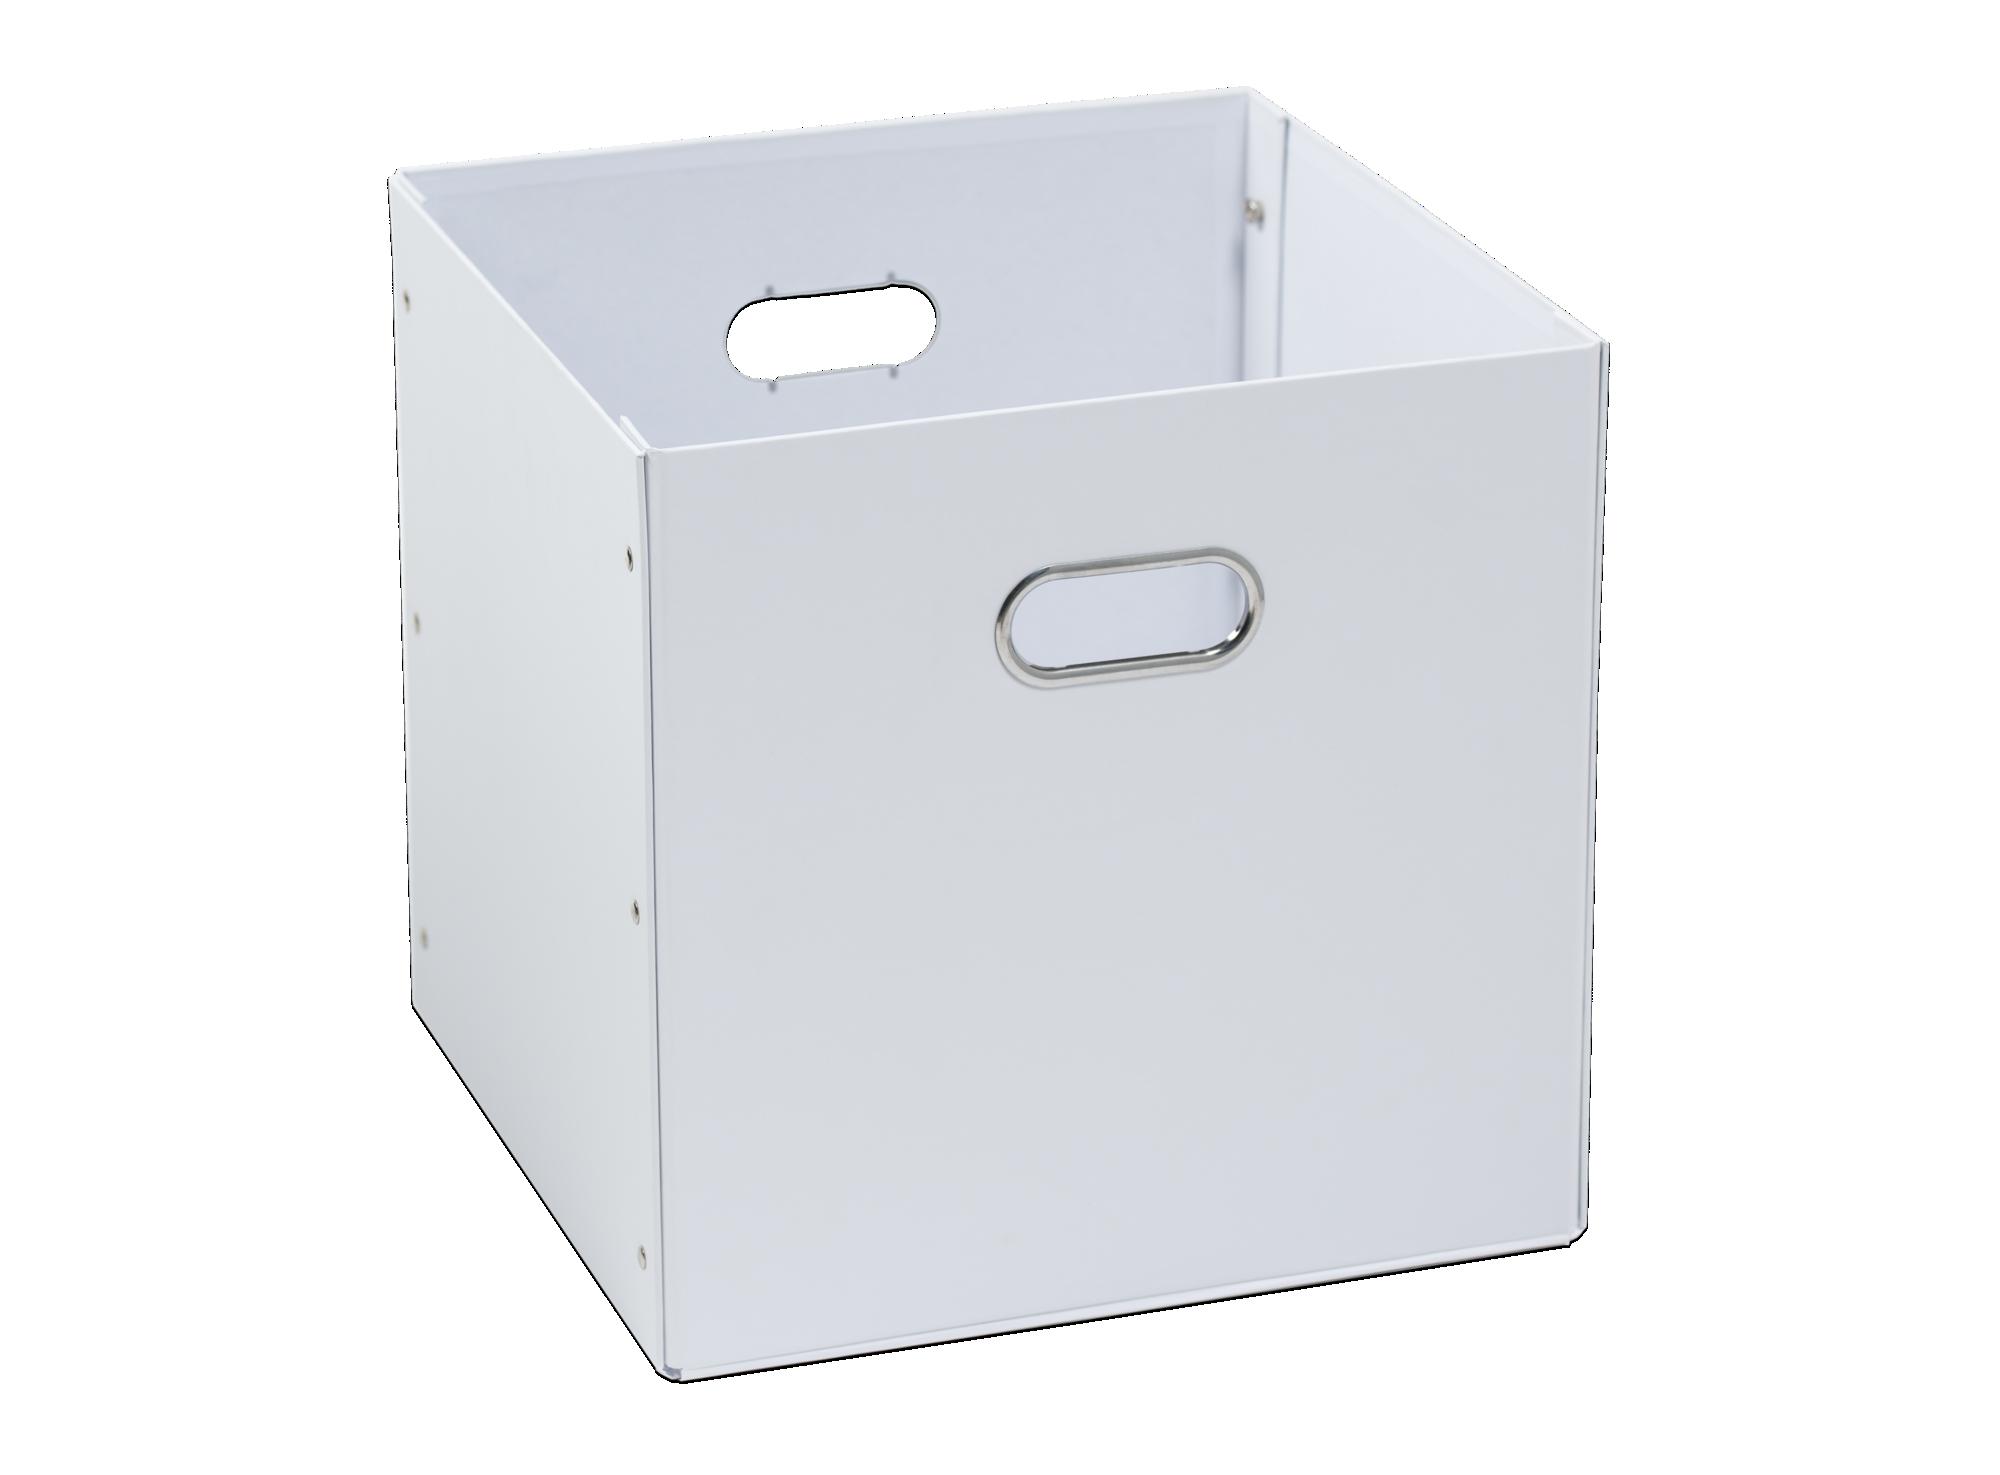 Boite En Carton Acier 32x32 Blanc Accessoire De Rangement Rangement D Coration Fly